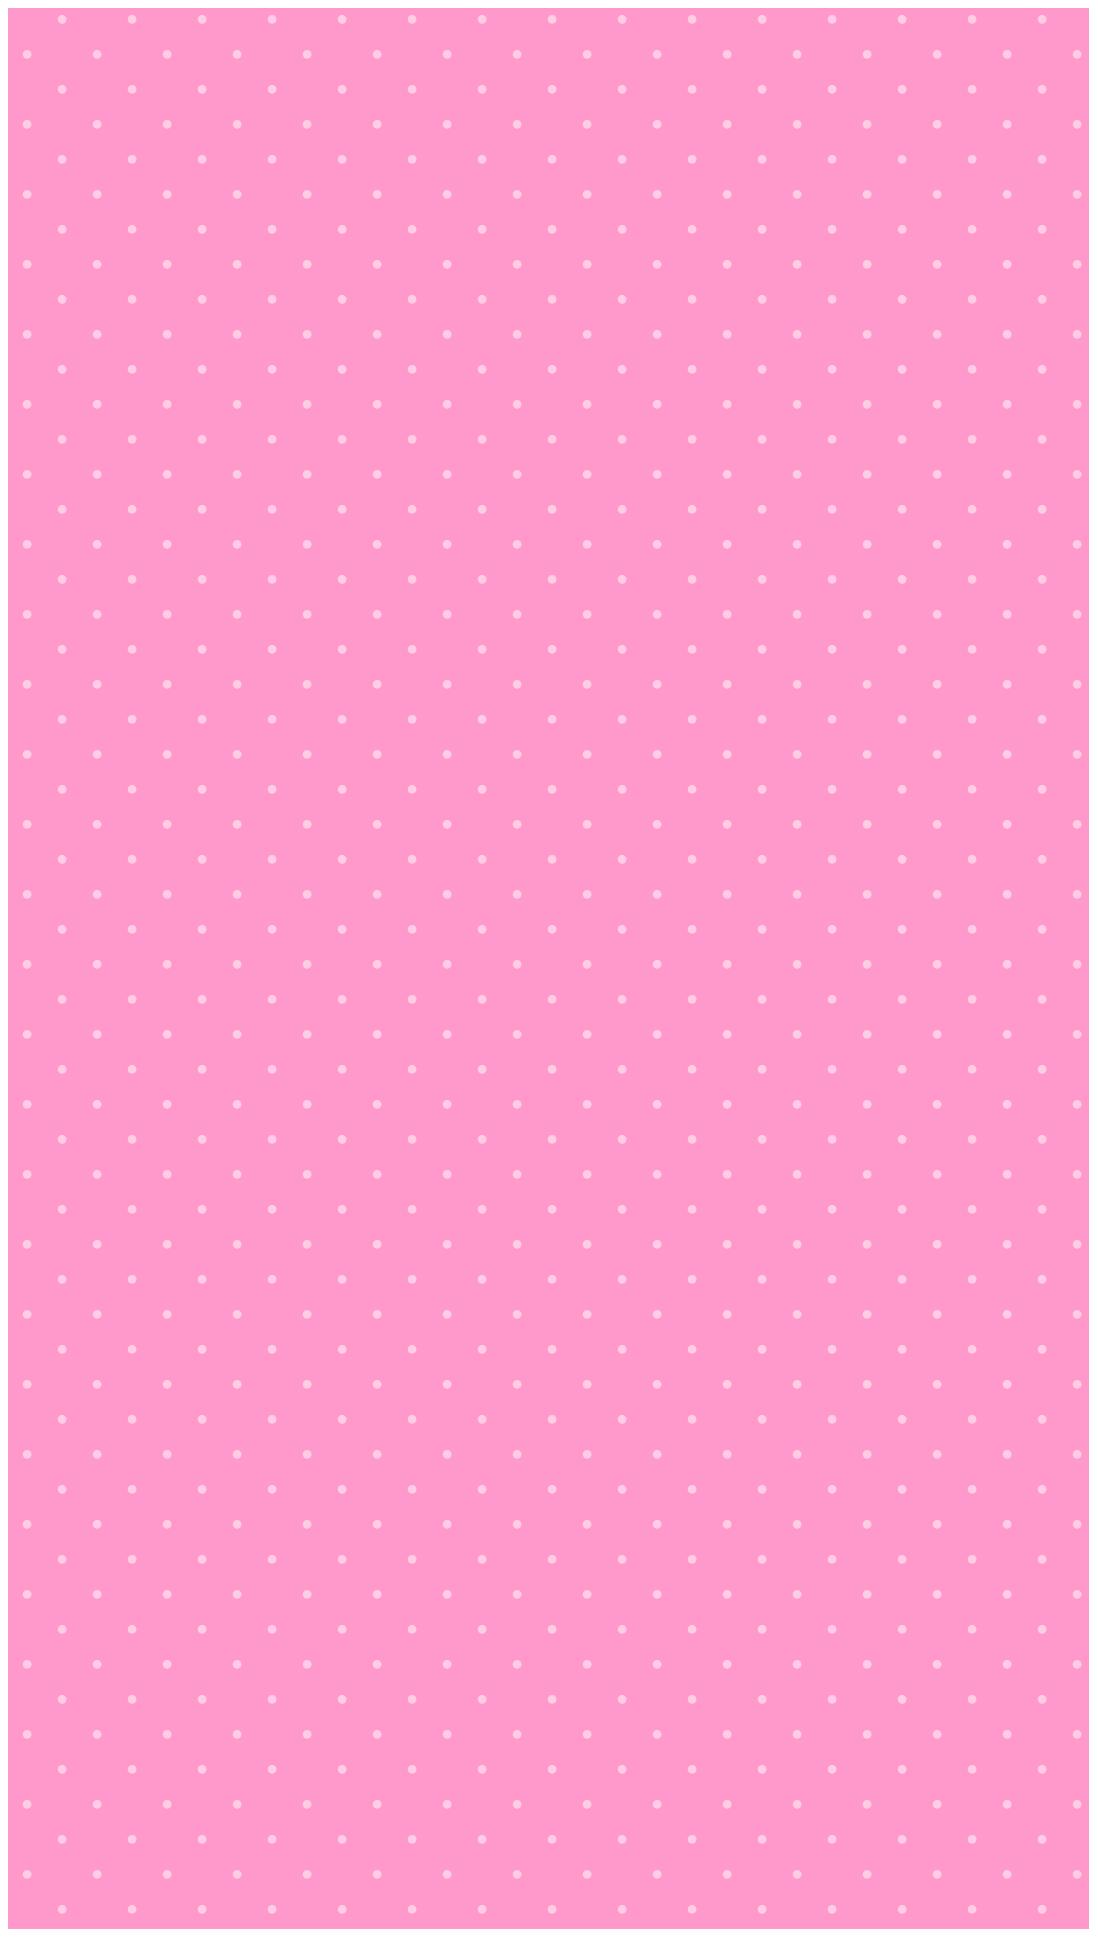 Line壁紙 水玉 ピンク 無料ダウンロード 暮らしの中で楽しい